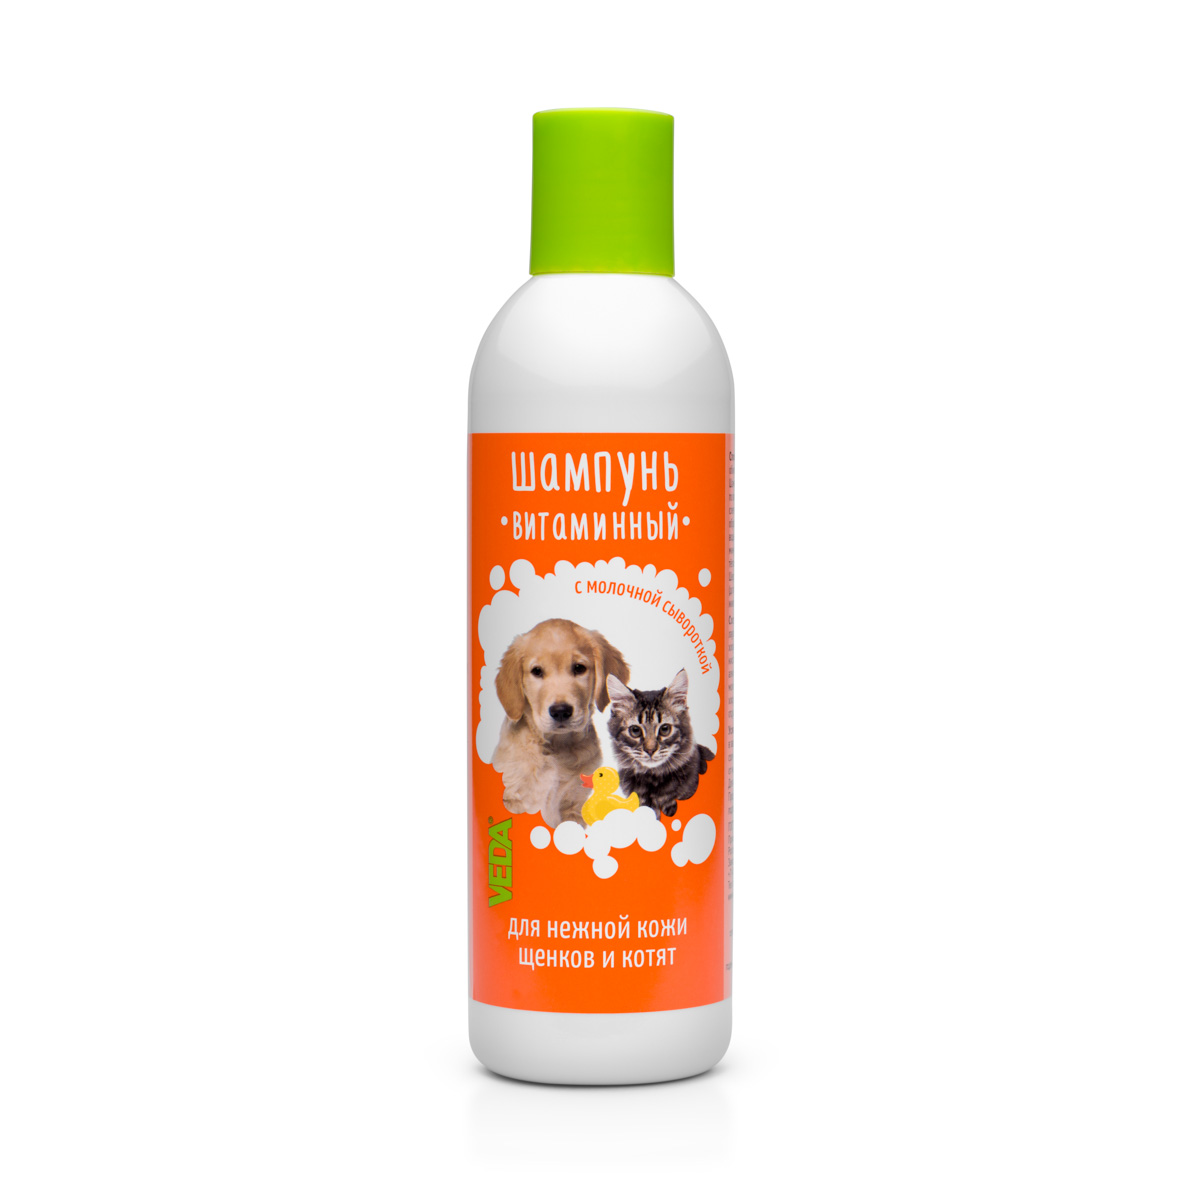 Витаминный шампунь для щенков и котят